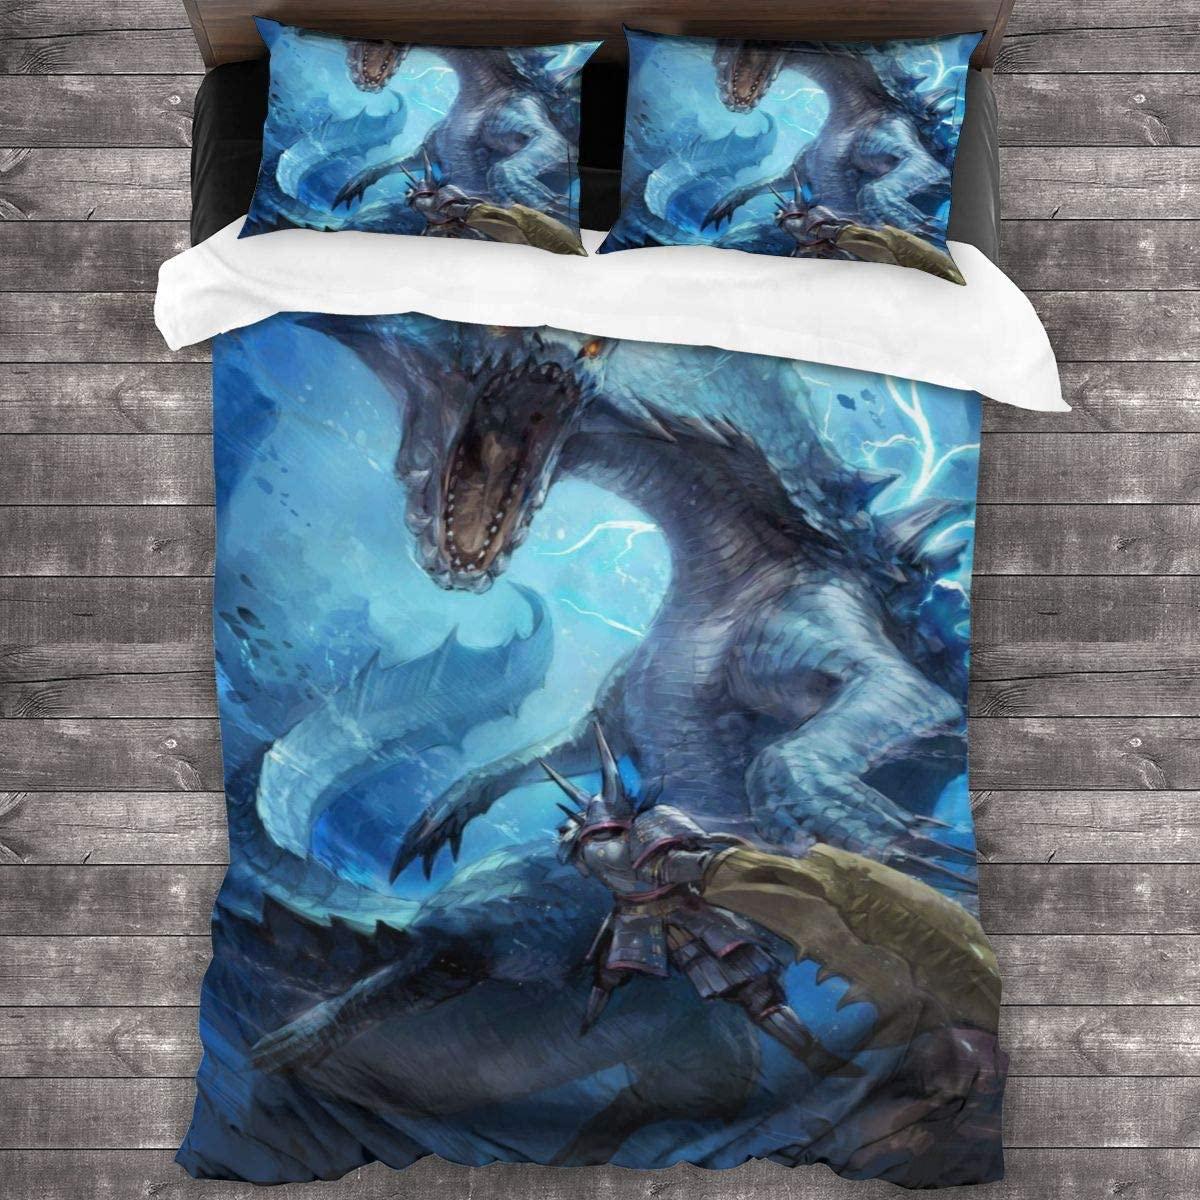 3 قطعة طباعة الفراش الوحش هنتر العالم حاف مجموعة غطاء لينة (لا المعزي) طقم سرير (1 حاف الغطاء 2 وسادة شمس)